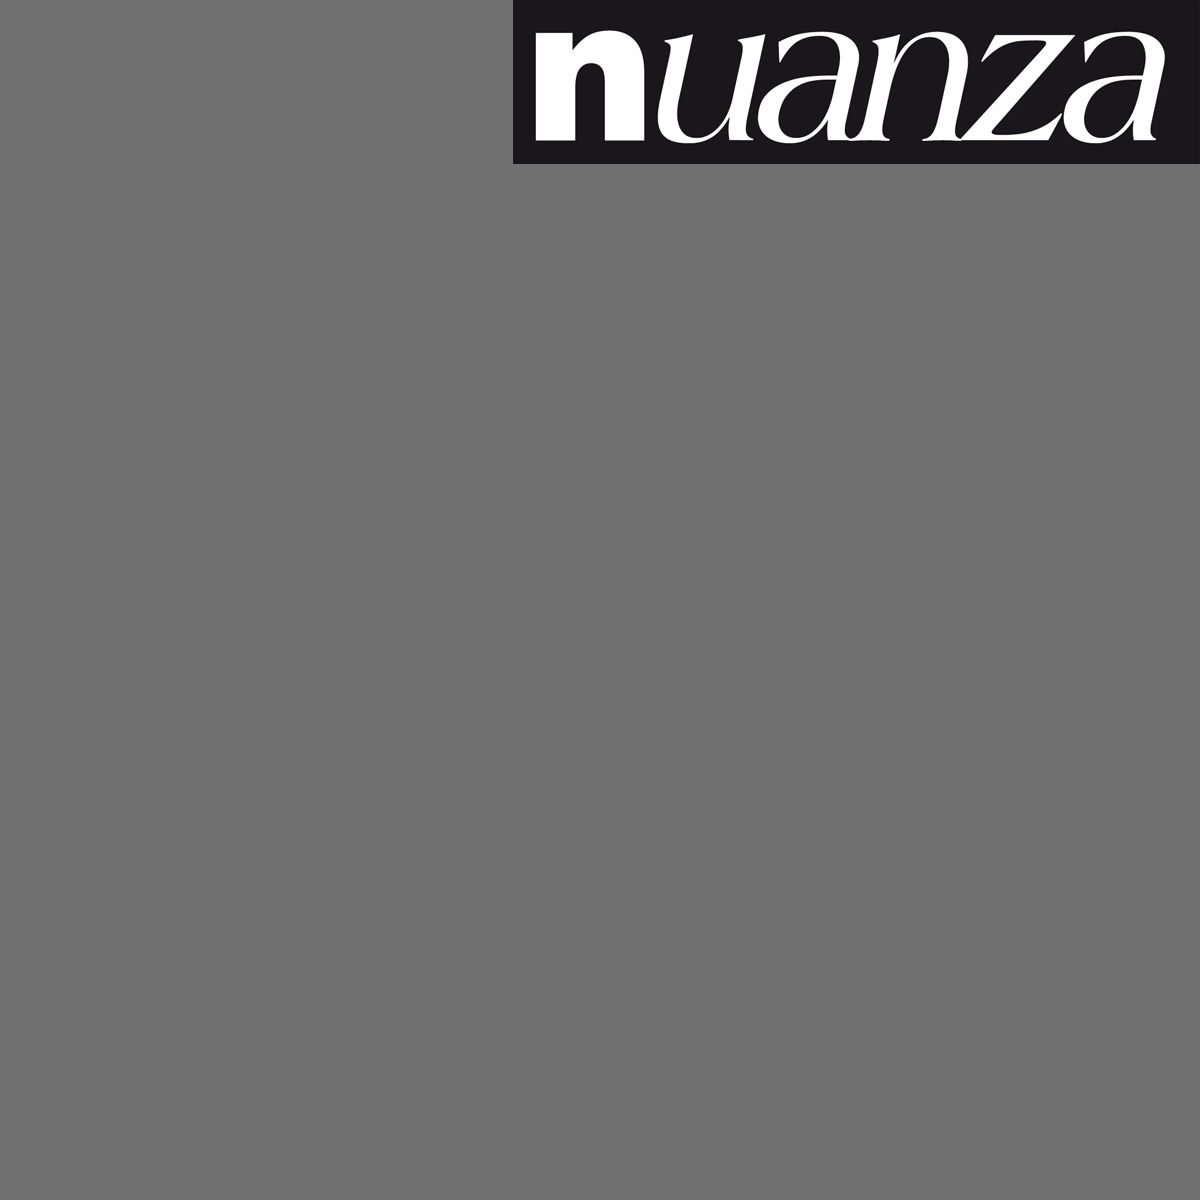 Peinture anthracite satin murs et boiseries Nuanza 0.5l